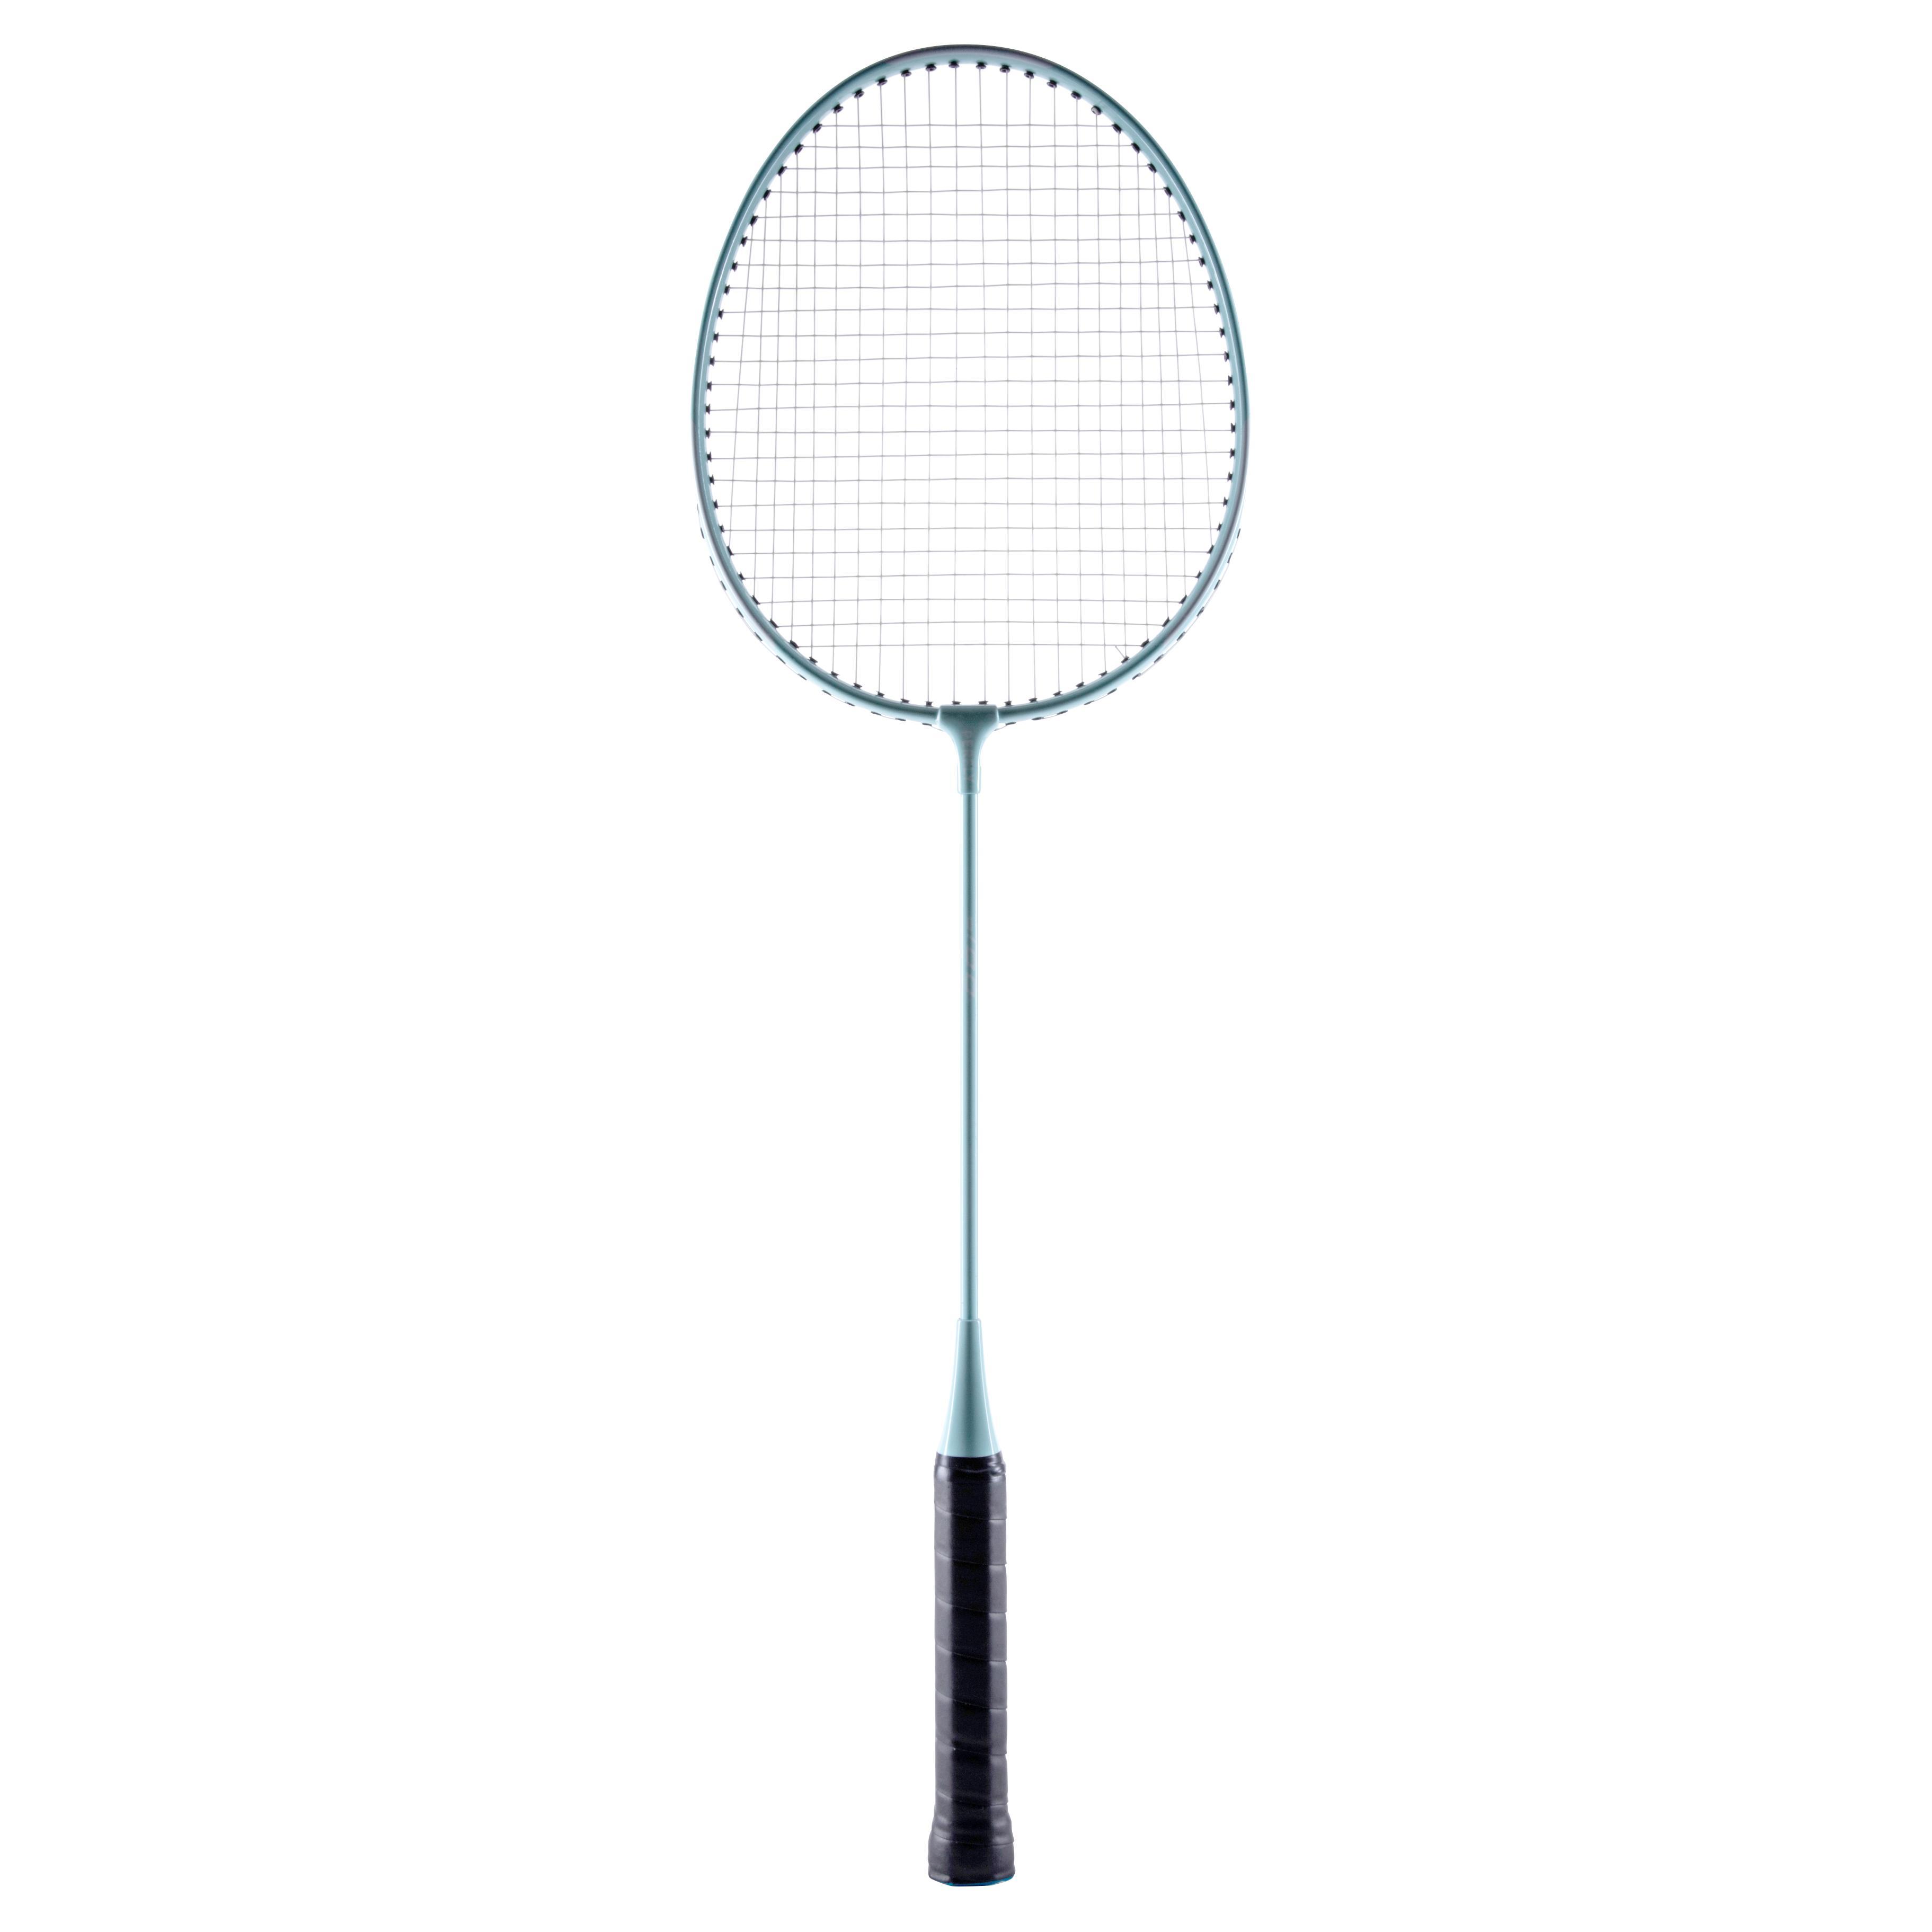 Perfly Badmintonracket BR100 voor volwassenen muntgroen kopen